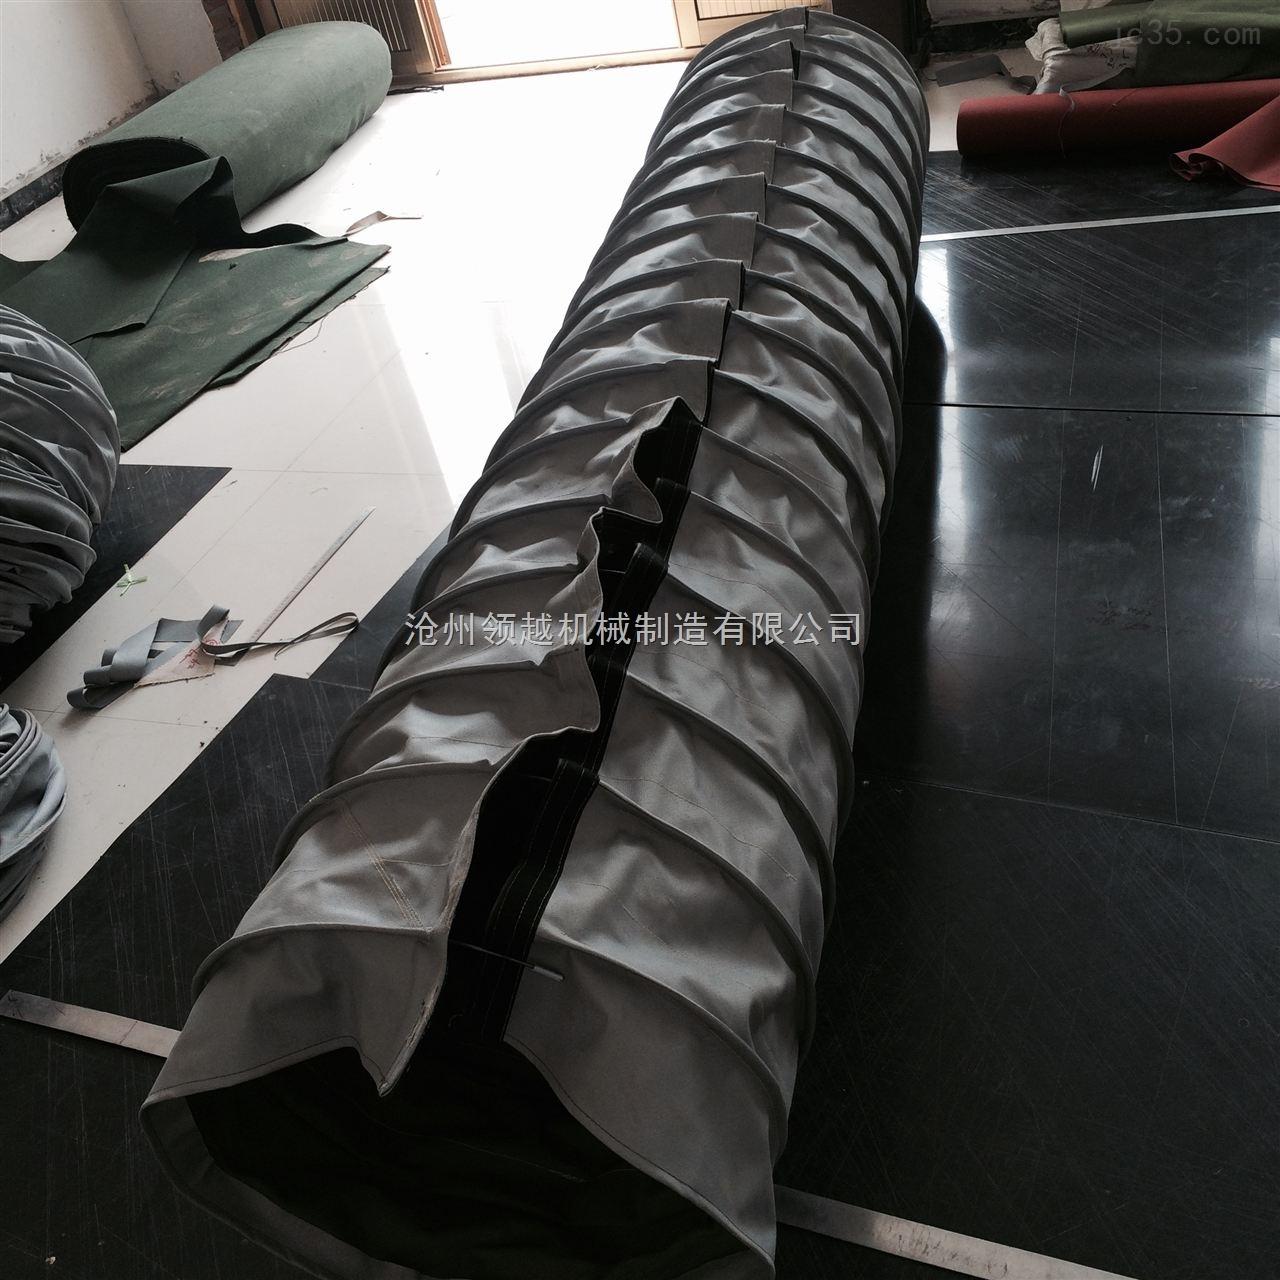 拉链粘扣式耐高温伸缩油缸防护罩